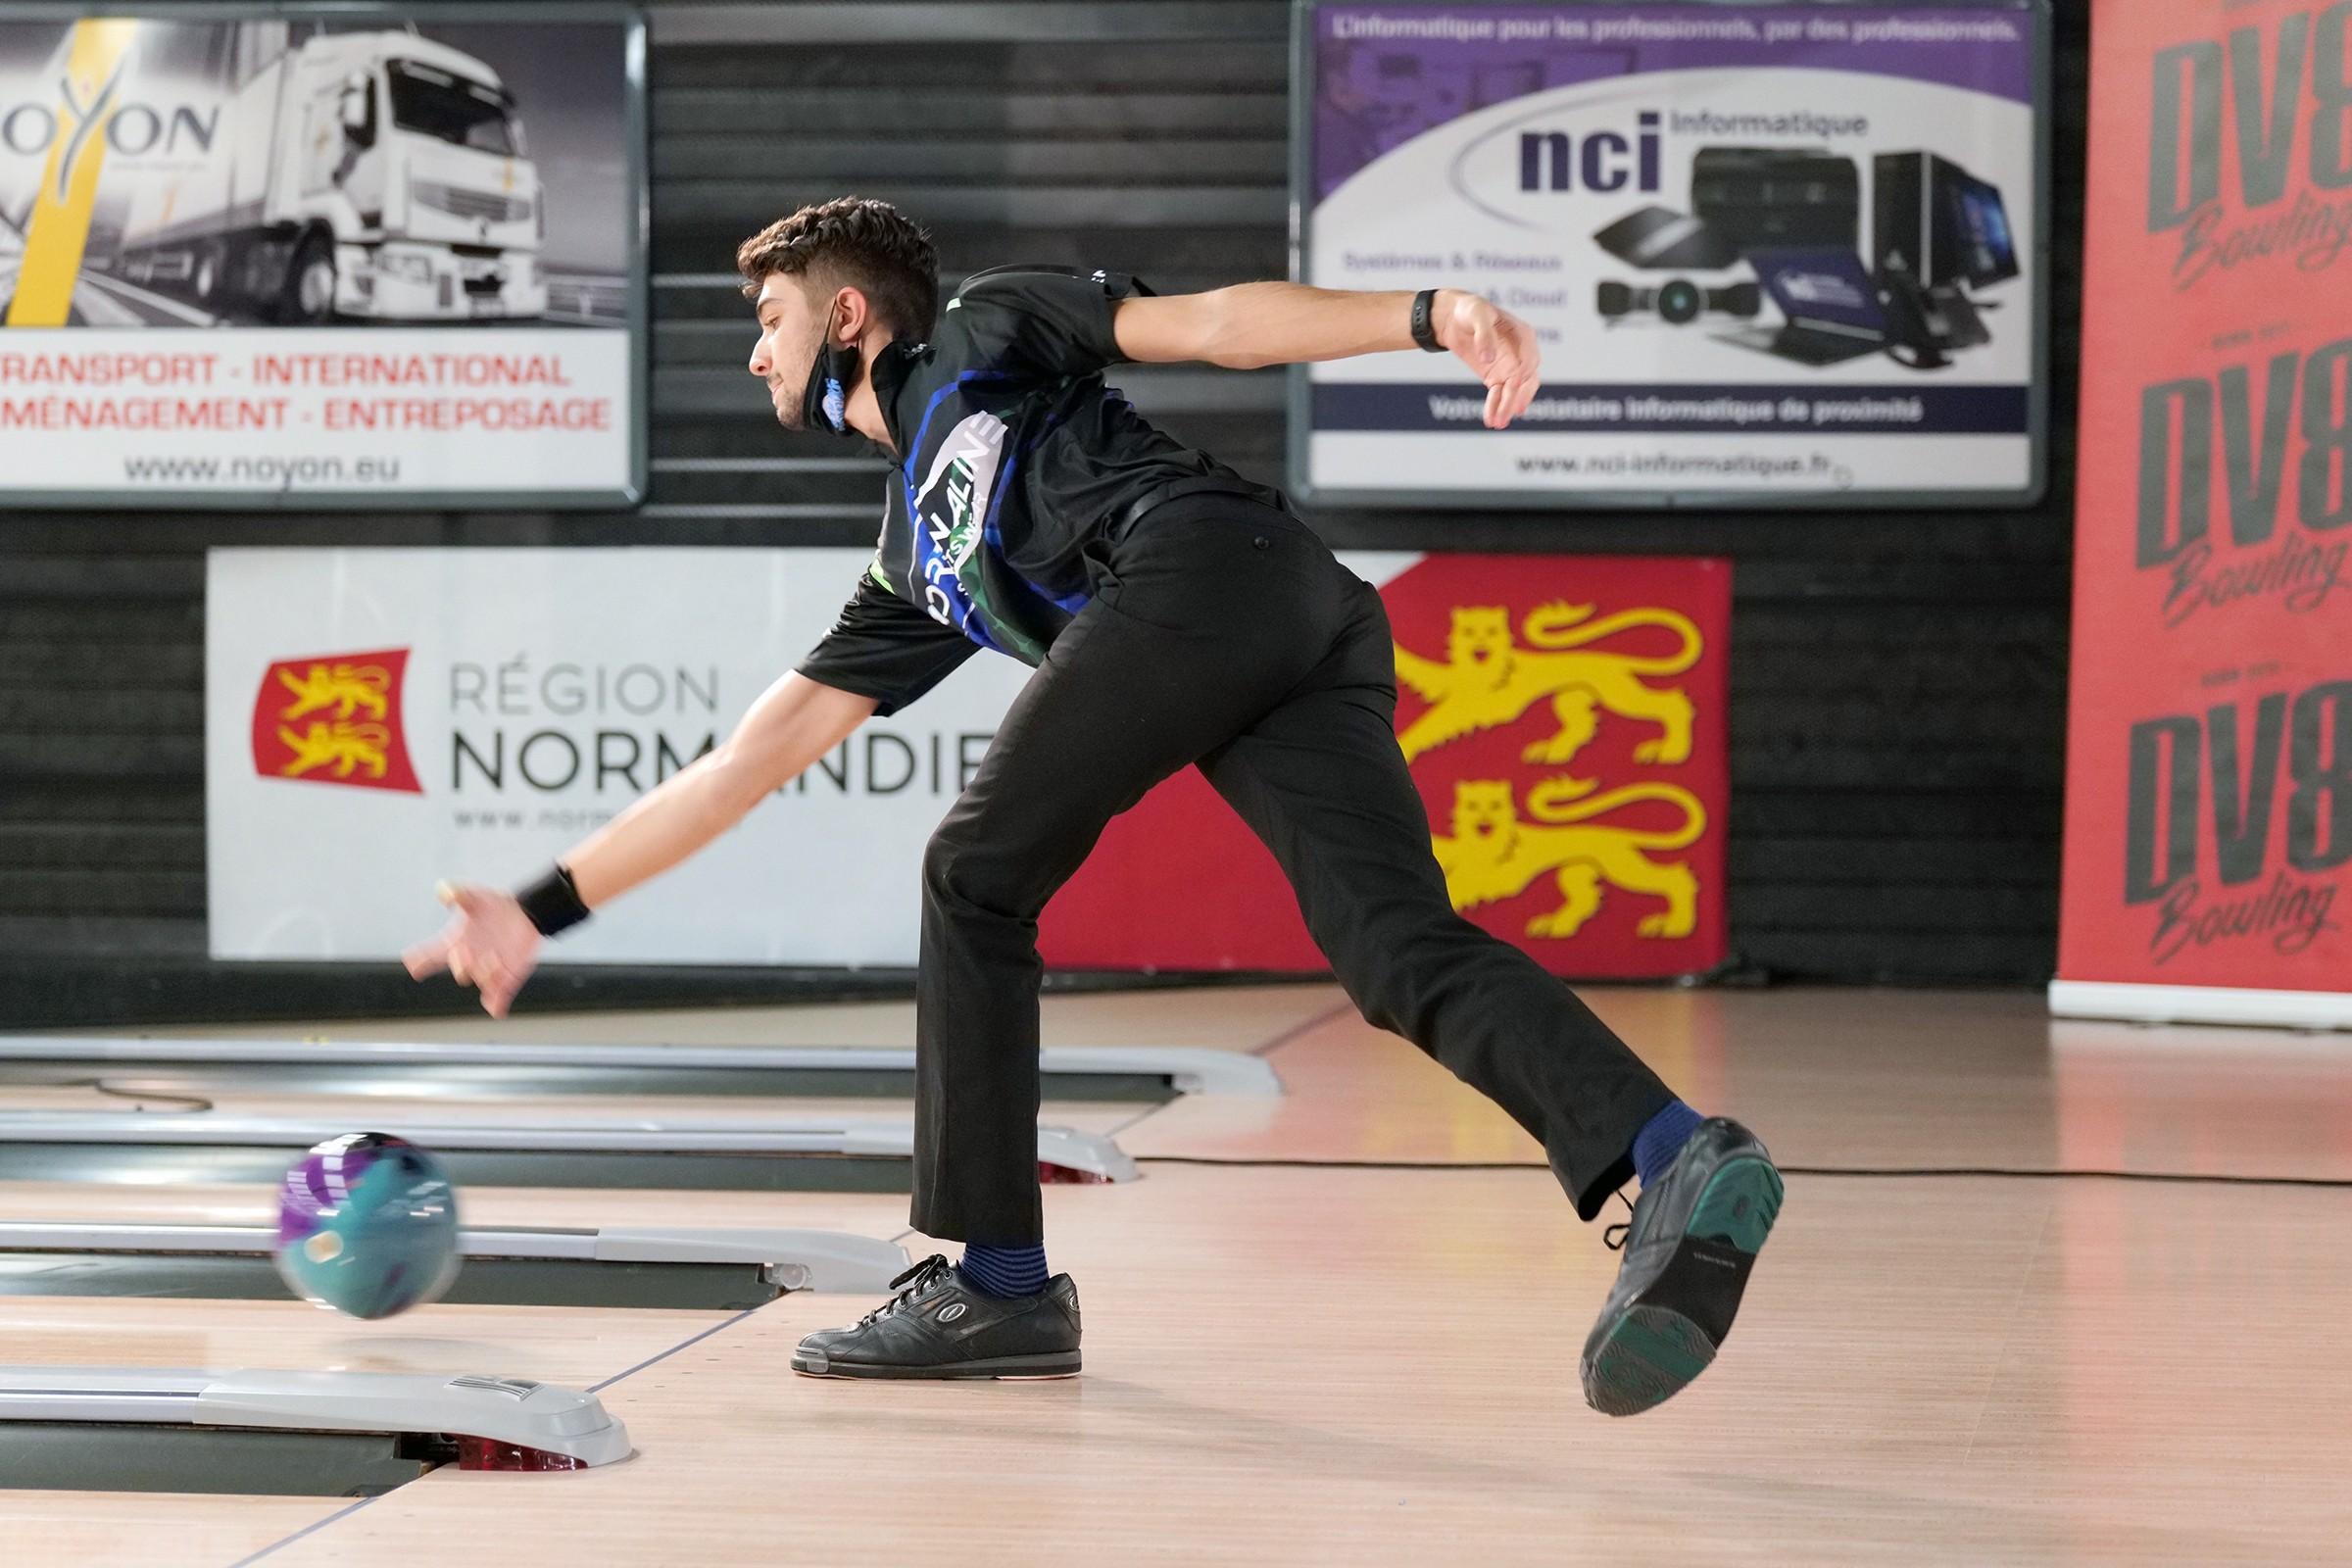 Bowling promotion tour 2020 saint lo photos ruel alain 024